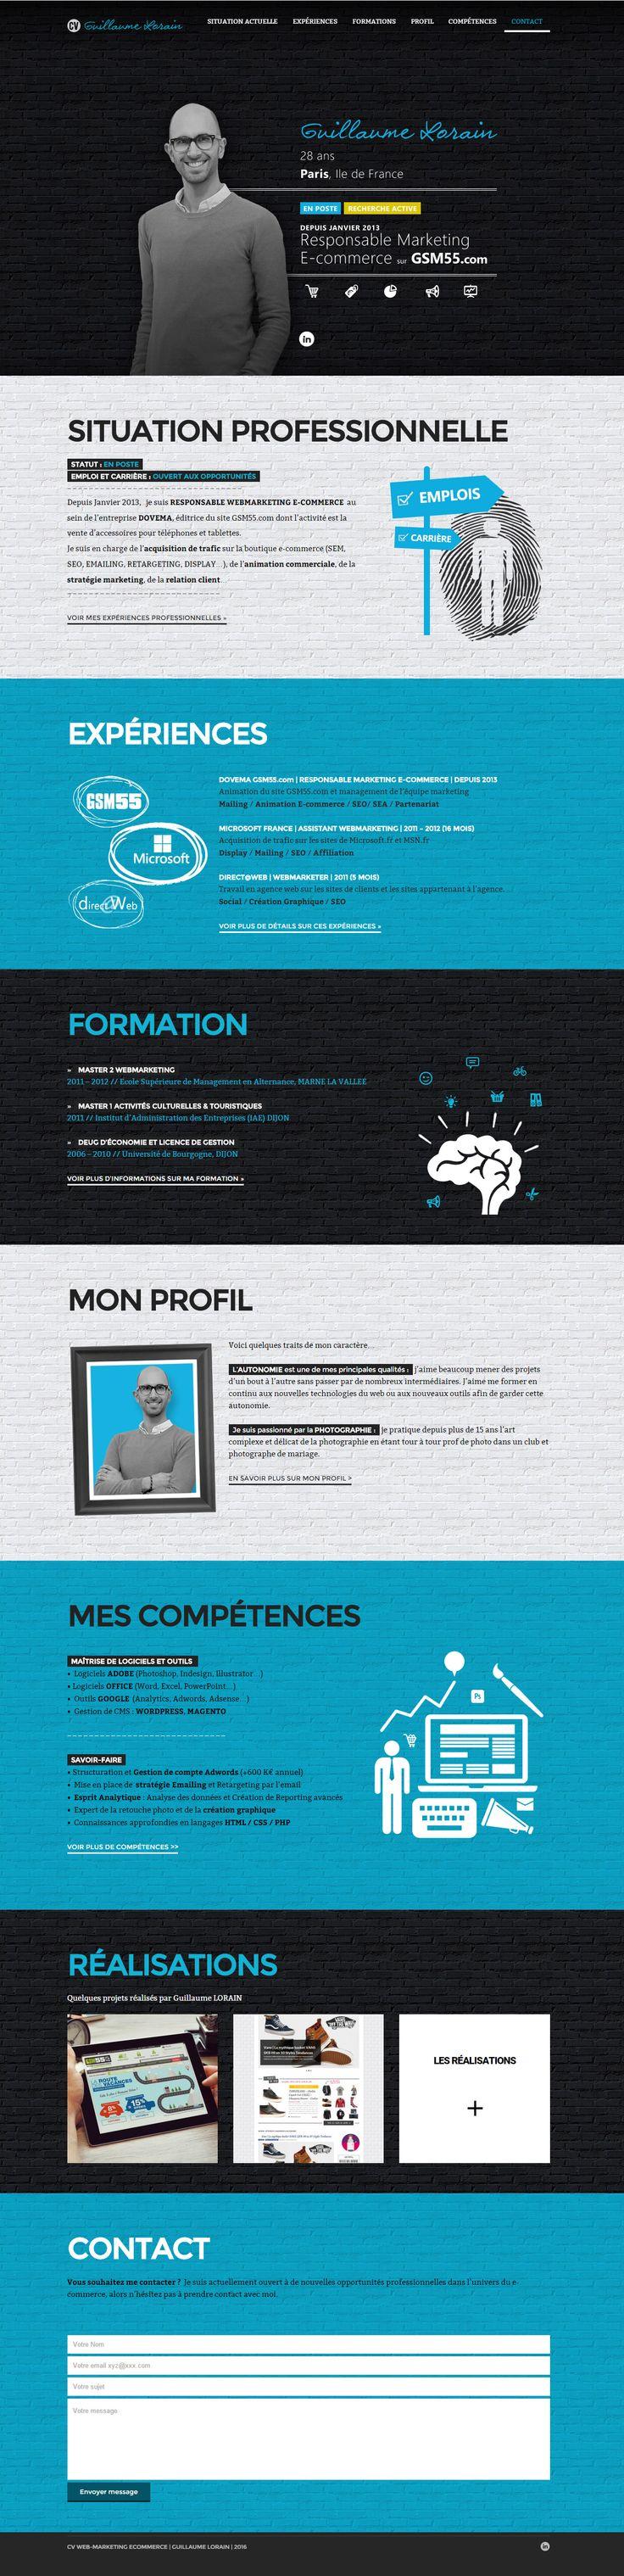 cv webmarketing guillaume lorain site cv cratif cv graphique marketing resume website e - Resume Site